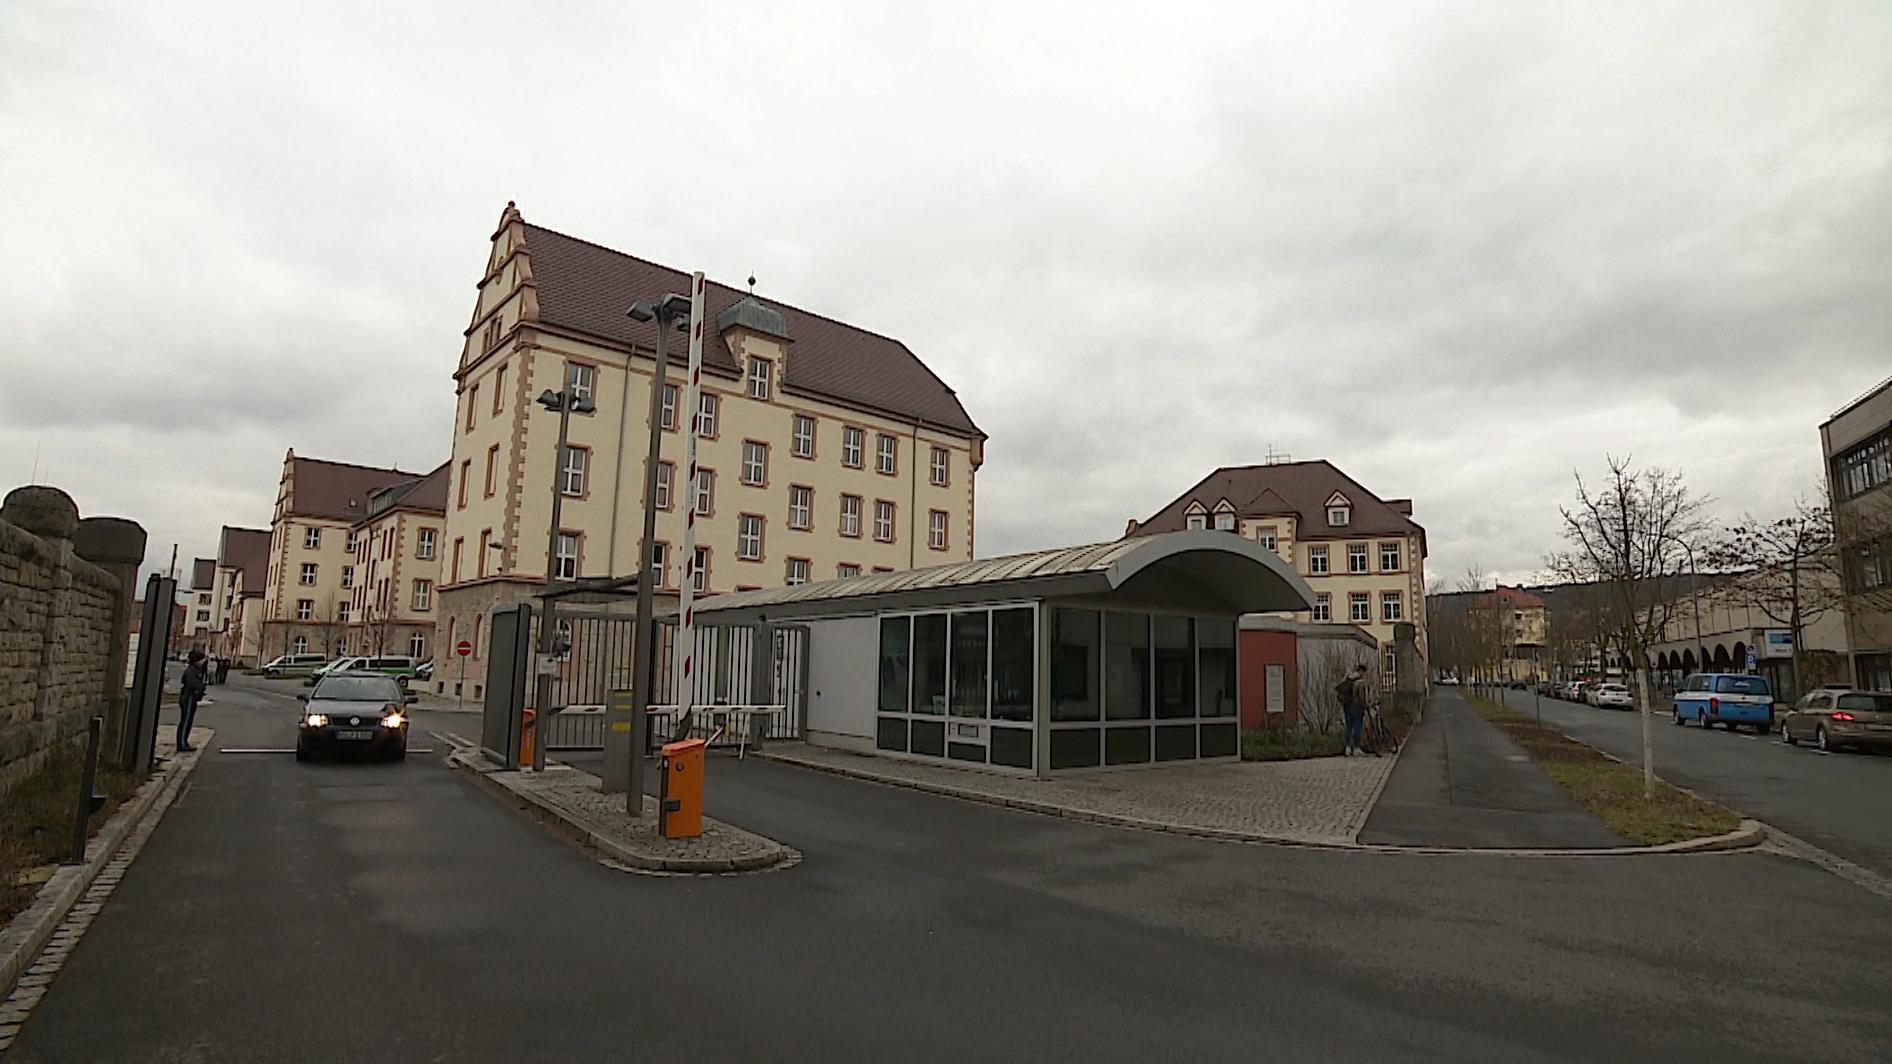 Bereitschaftspolizei Würzburg: Ein Auszubildender hat, mit großer Wahrscheinlichkeit aus Versehen, einen Kollegen erschossen.